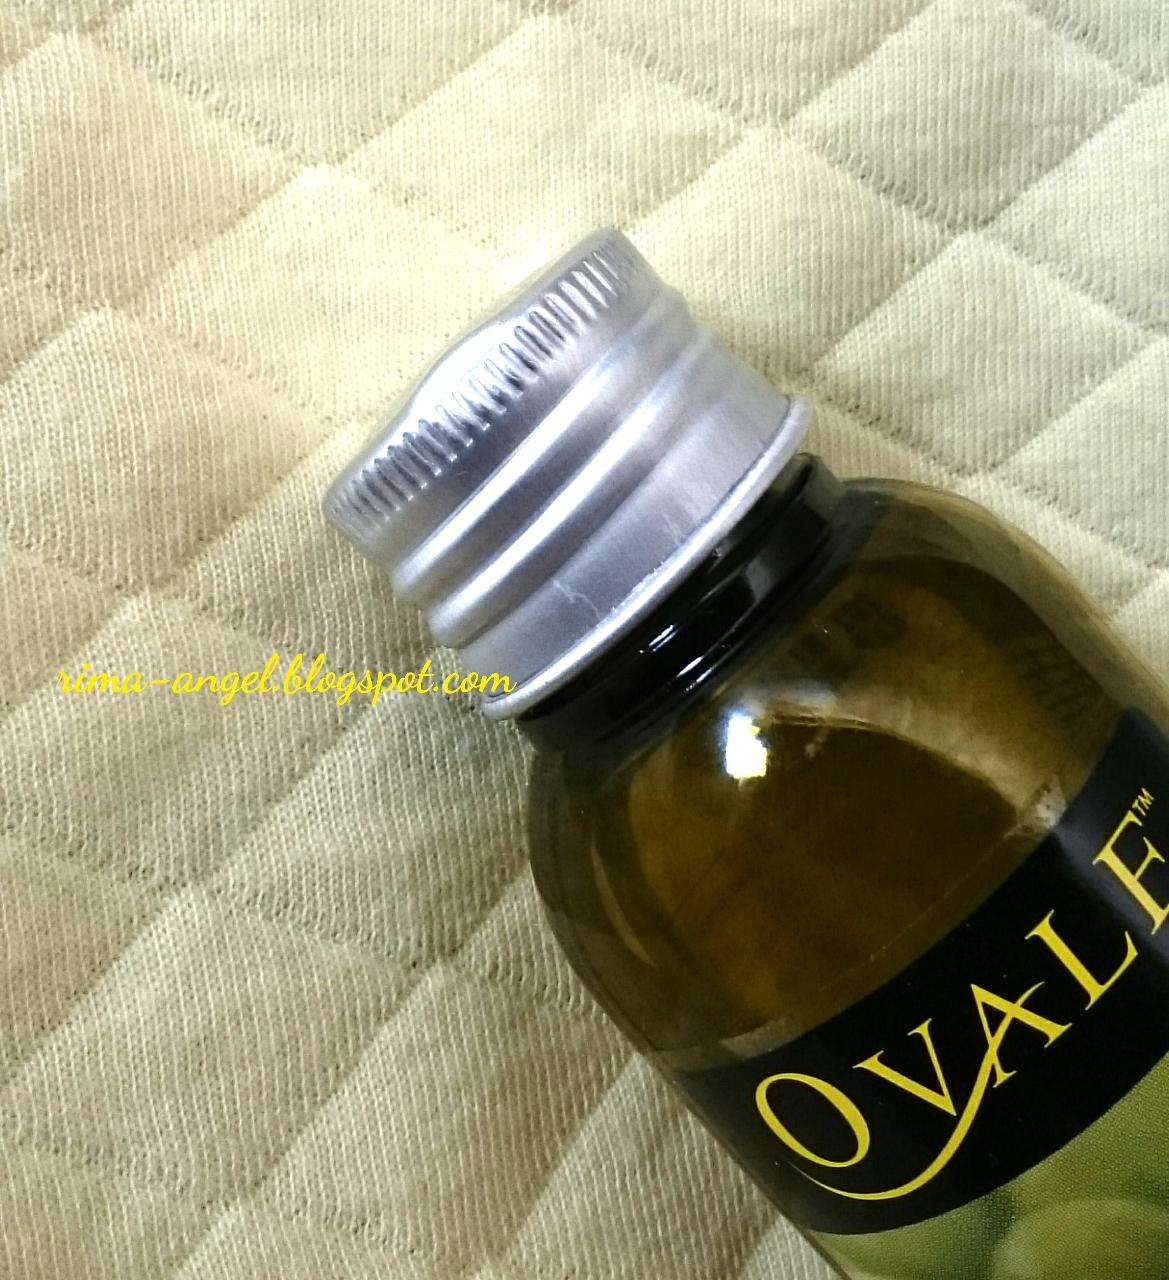 Web Versi Mobile Ovale Olive Oil 100 Ml Lubang Keluar Masuknya Produk Ini Tidak Terlalu Besar Dan Kecil Menurut Saya Sudah Cukup Pas Tekstur Dari